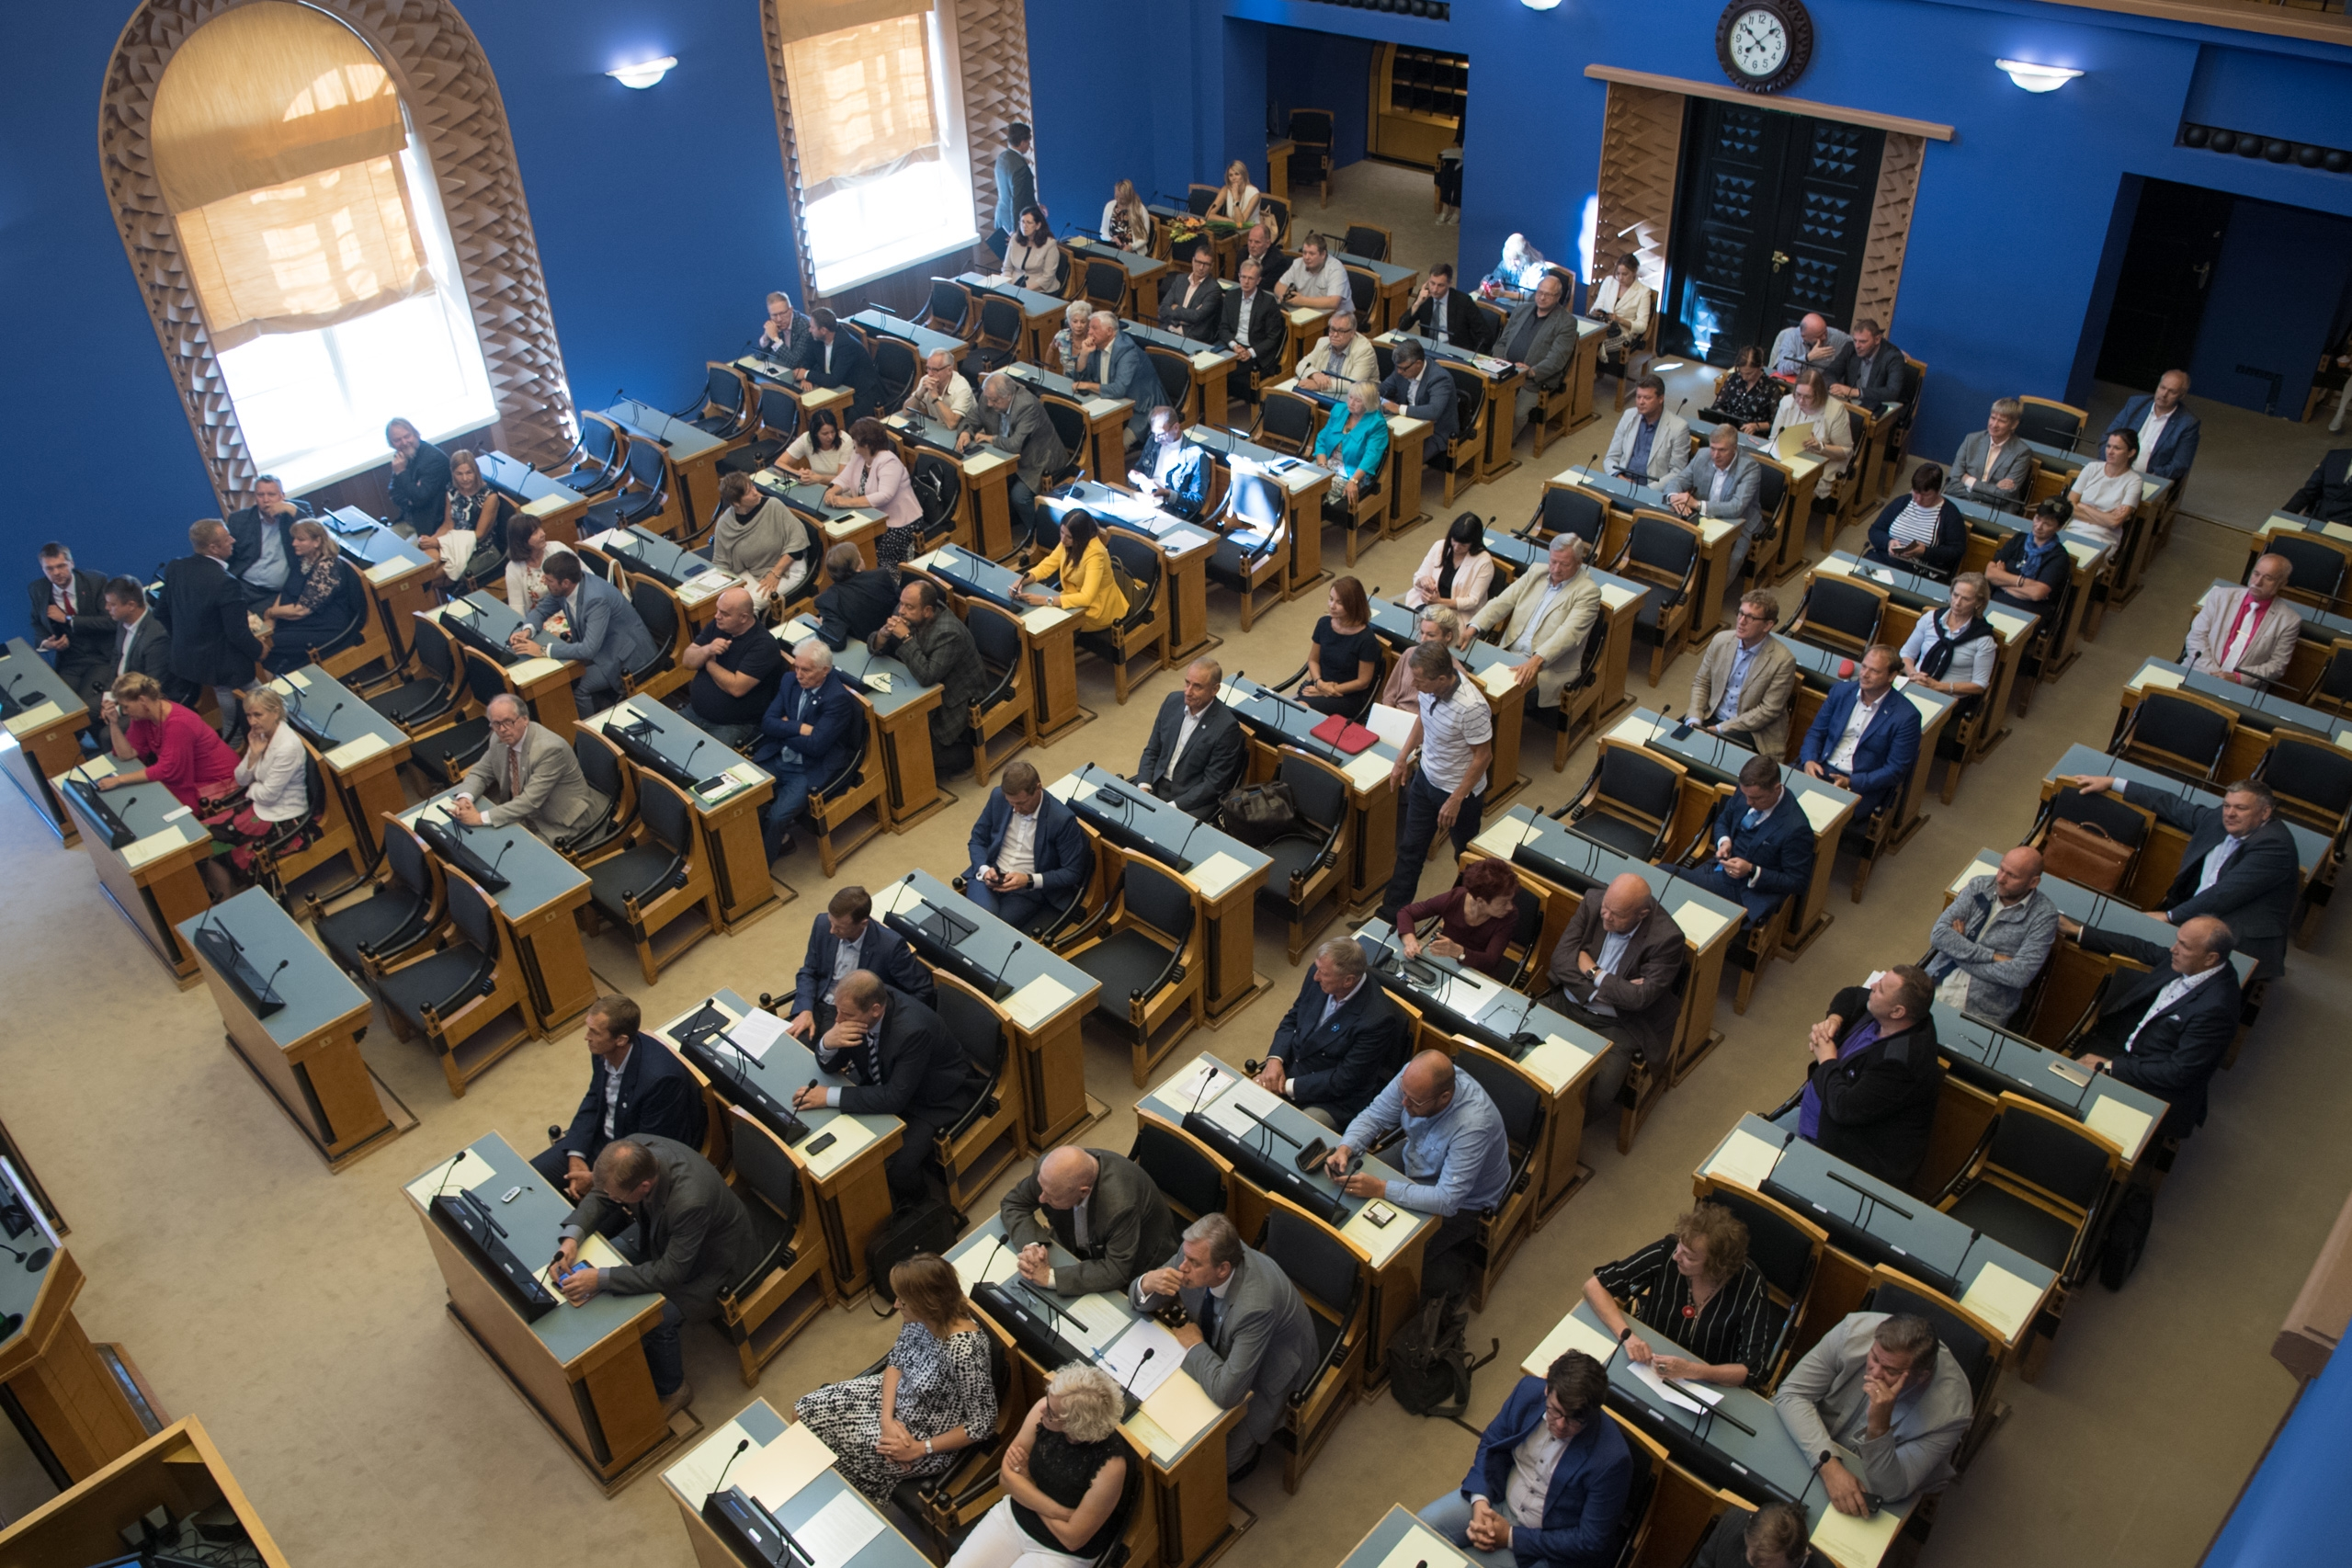 Riigikogu XIII koosseisu viimasel korralisel istungil võeti vastu kolm seadust